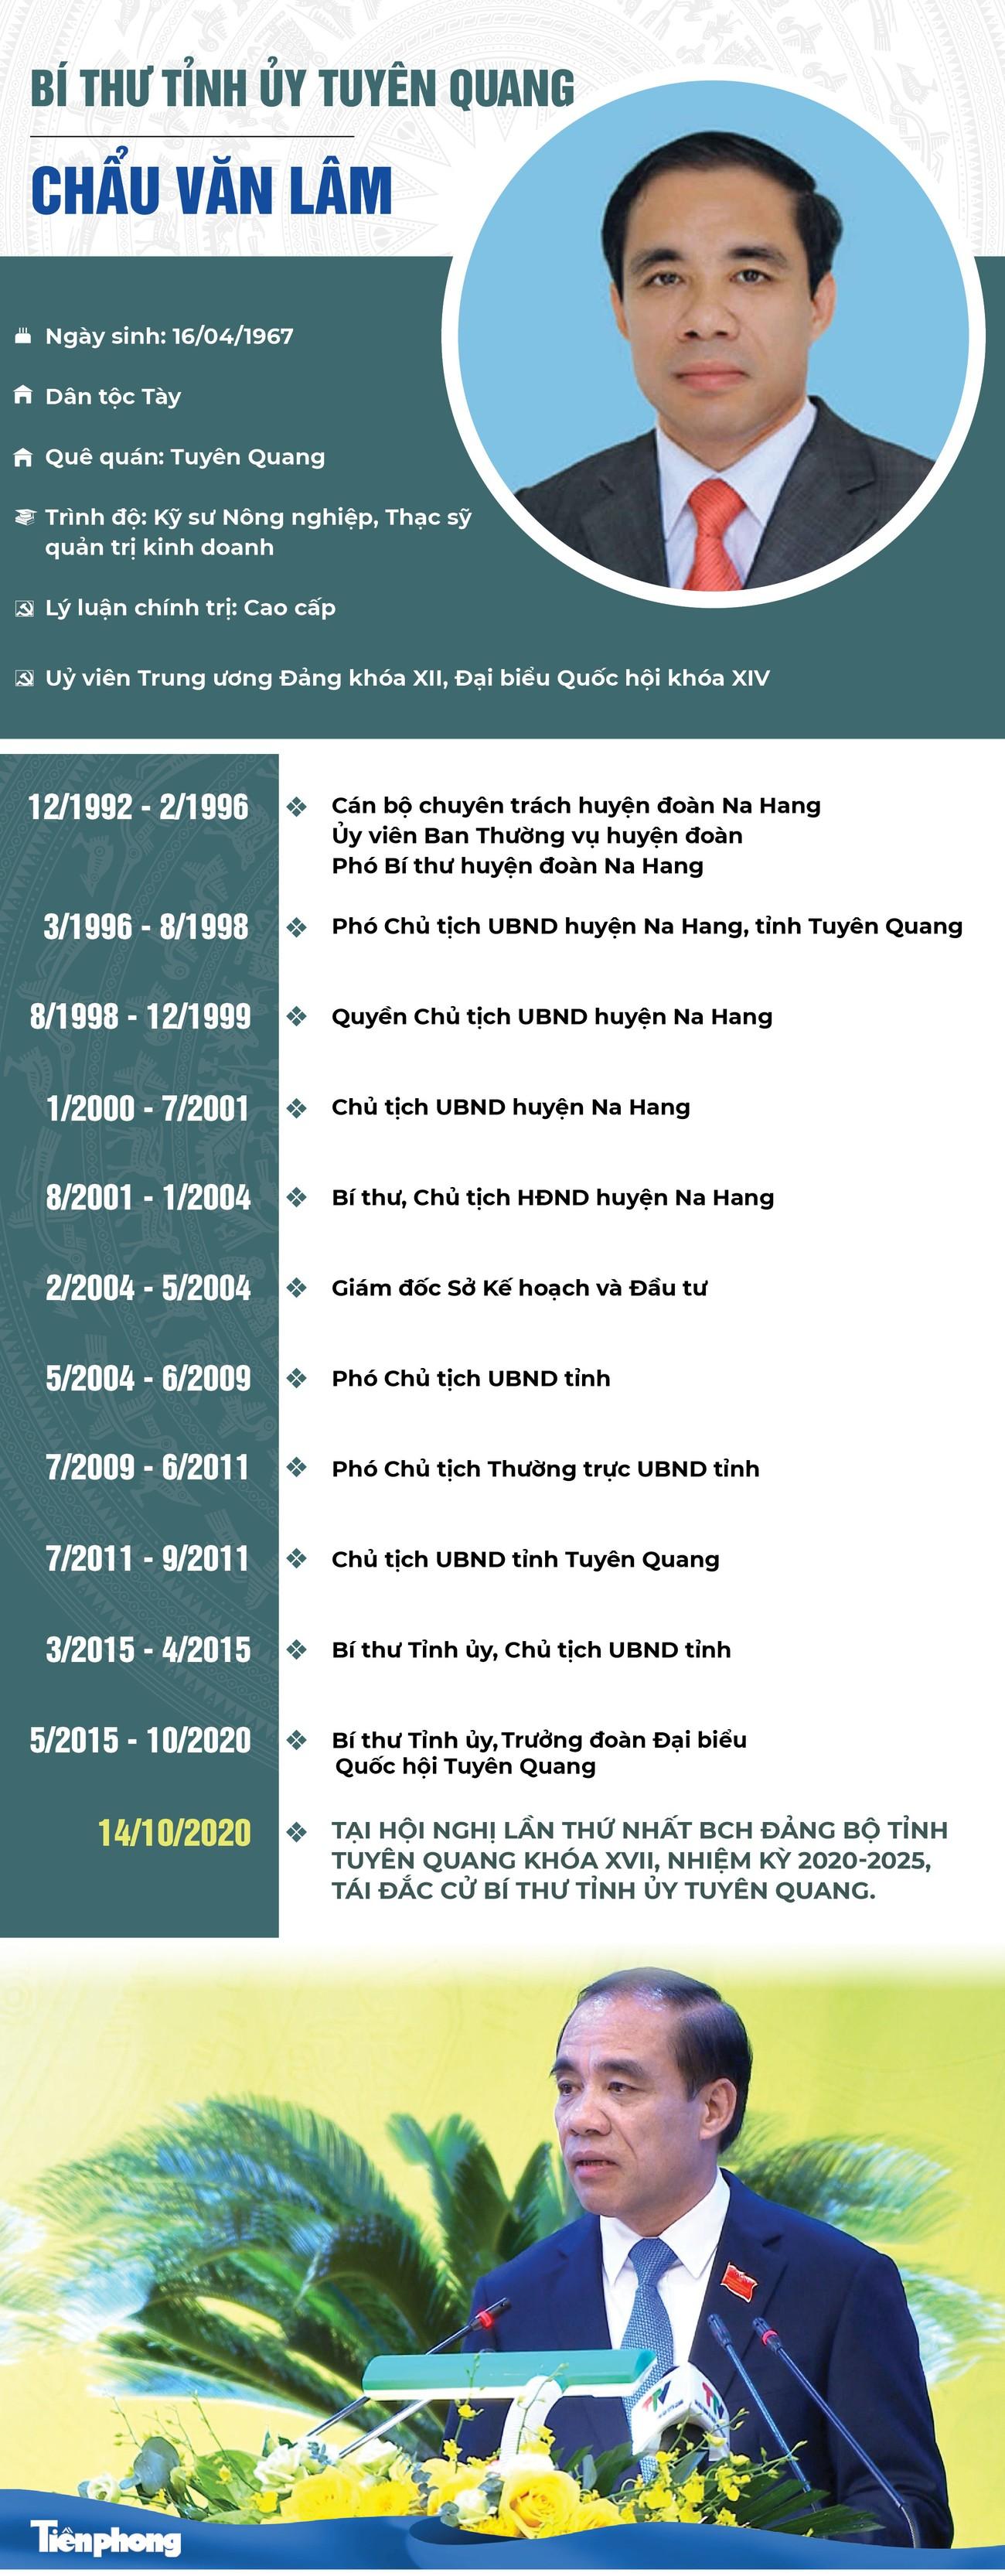 Chân dung Bí thư Tỉnh ủy Tuyên Quang Chẩu Văn Lâm ảnh 1